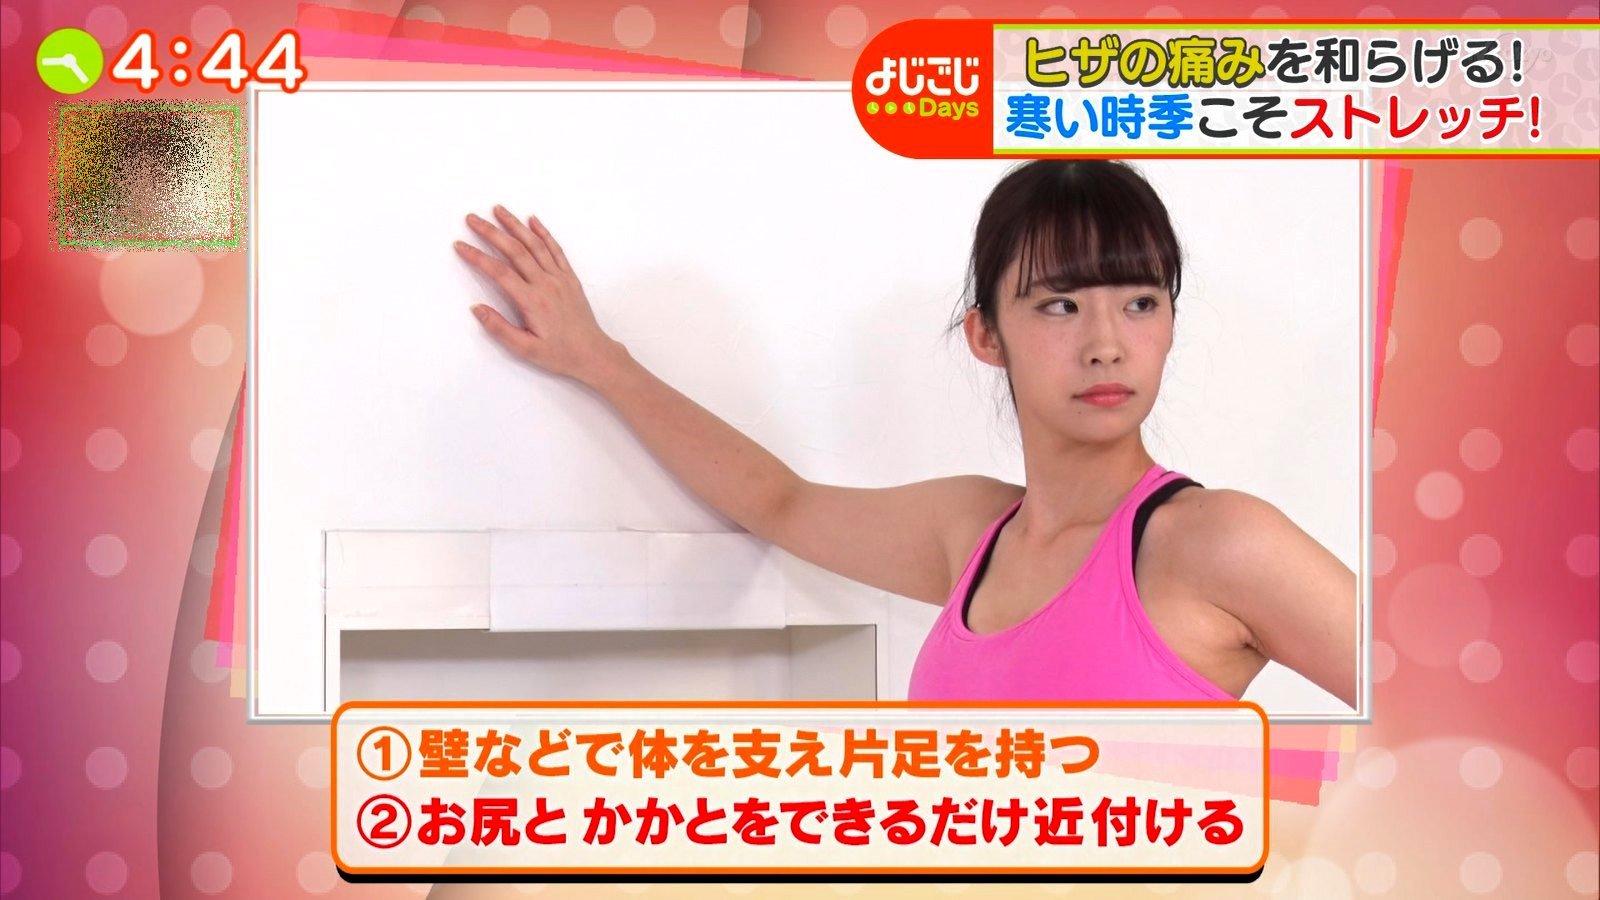 真中ひまりの腋見せストレッチ (4)